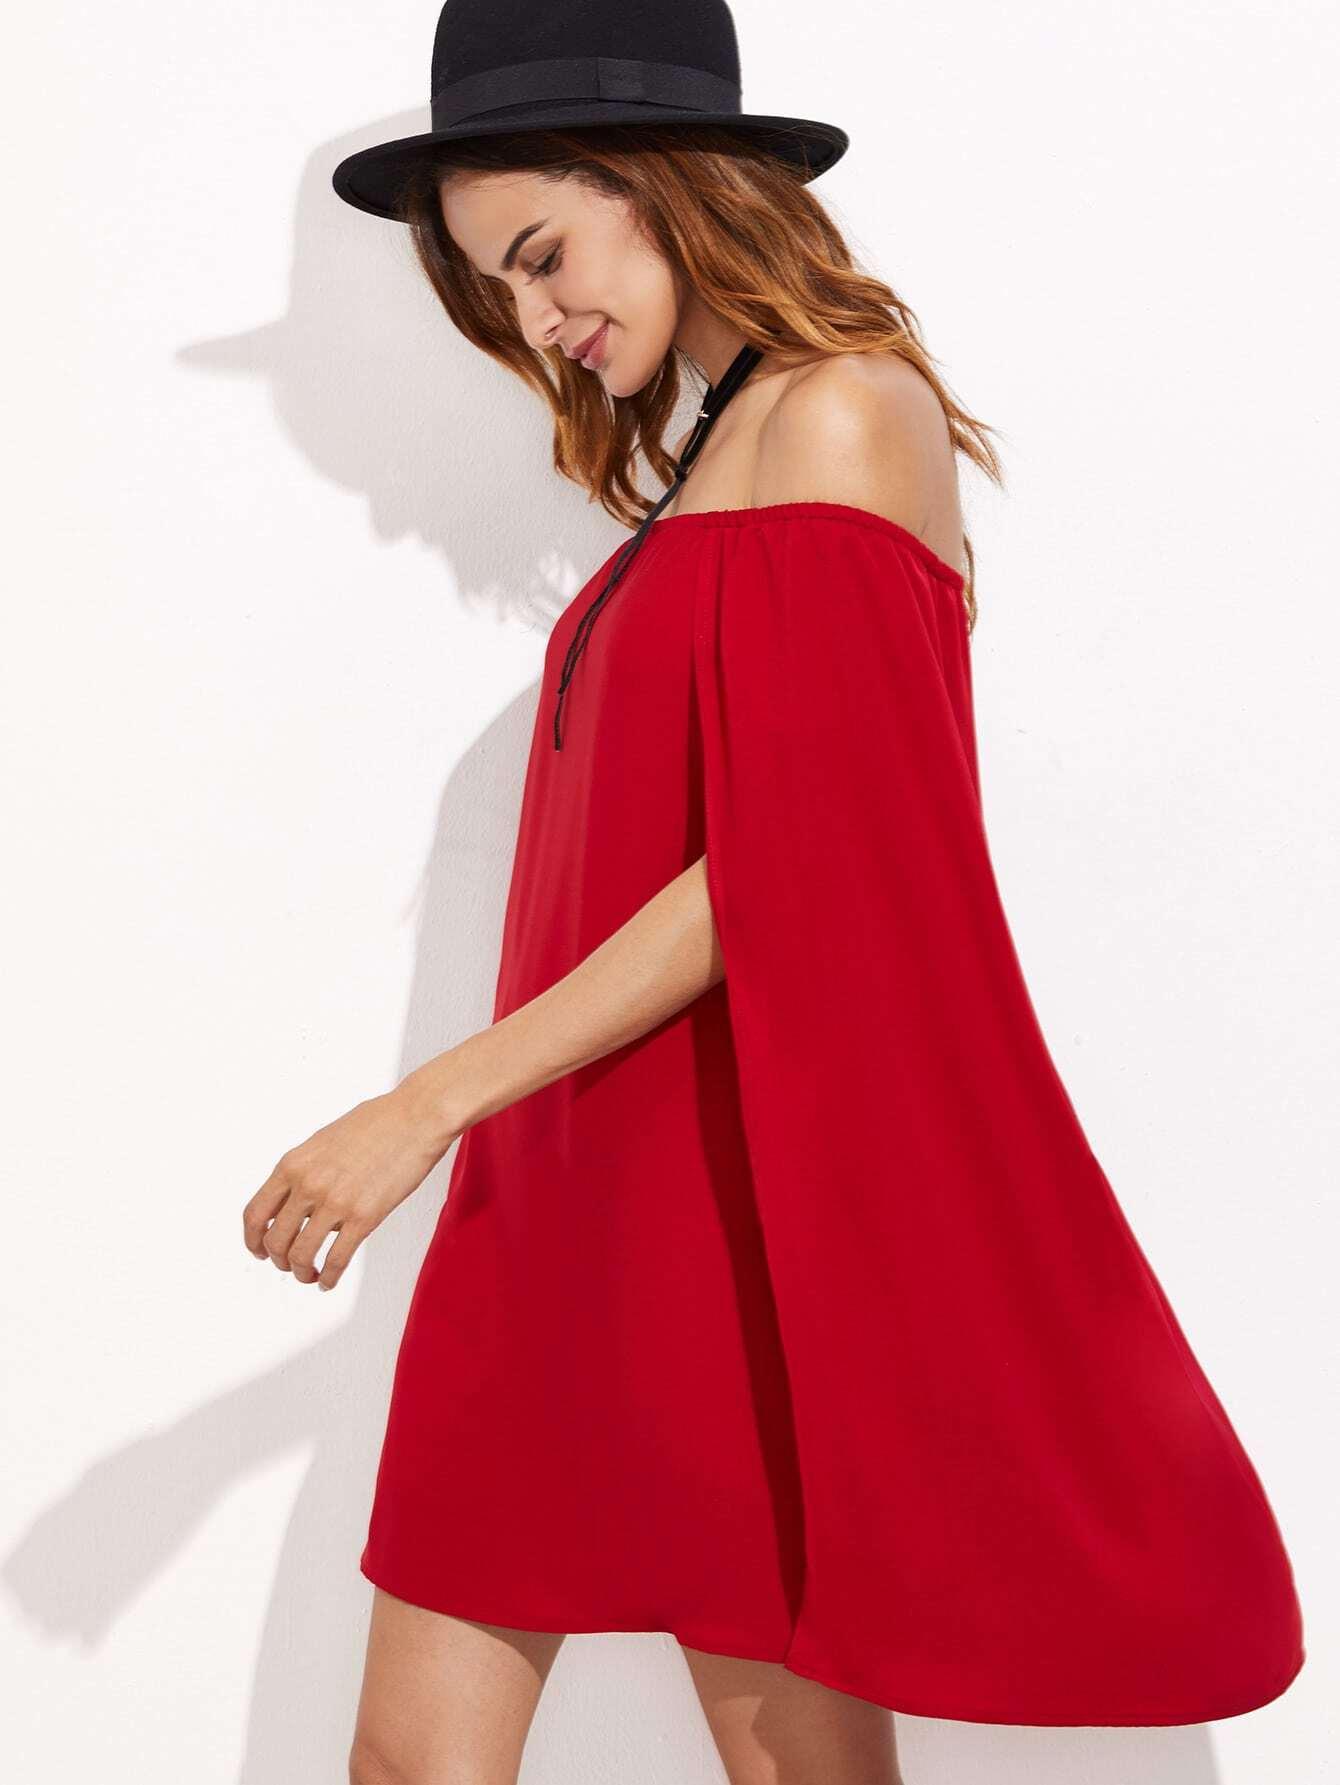 dress161025703_2